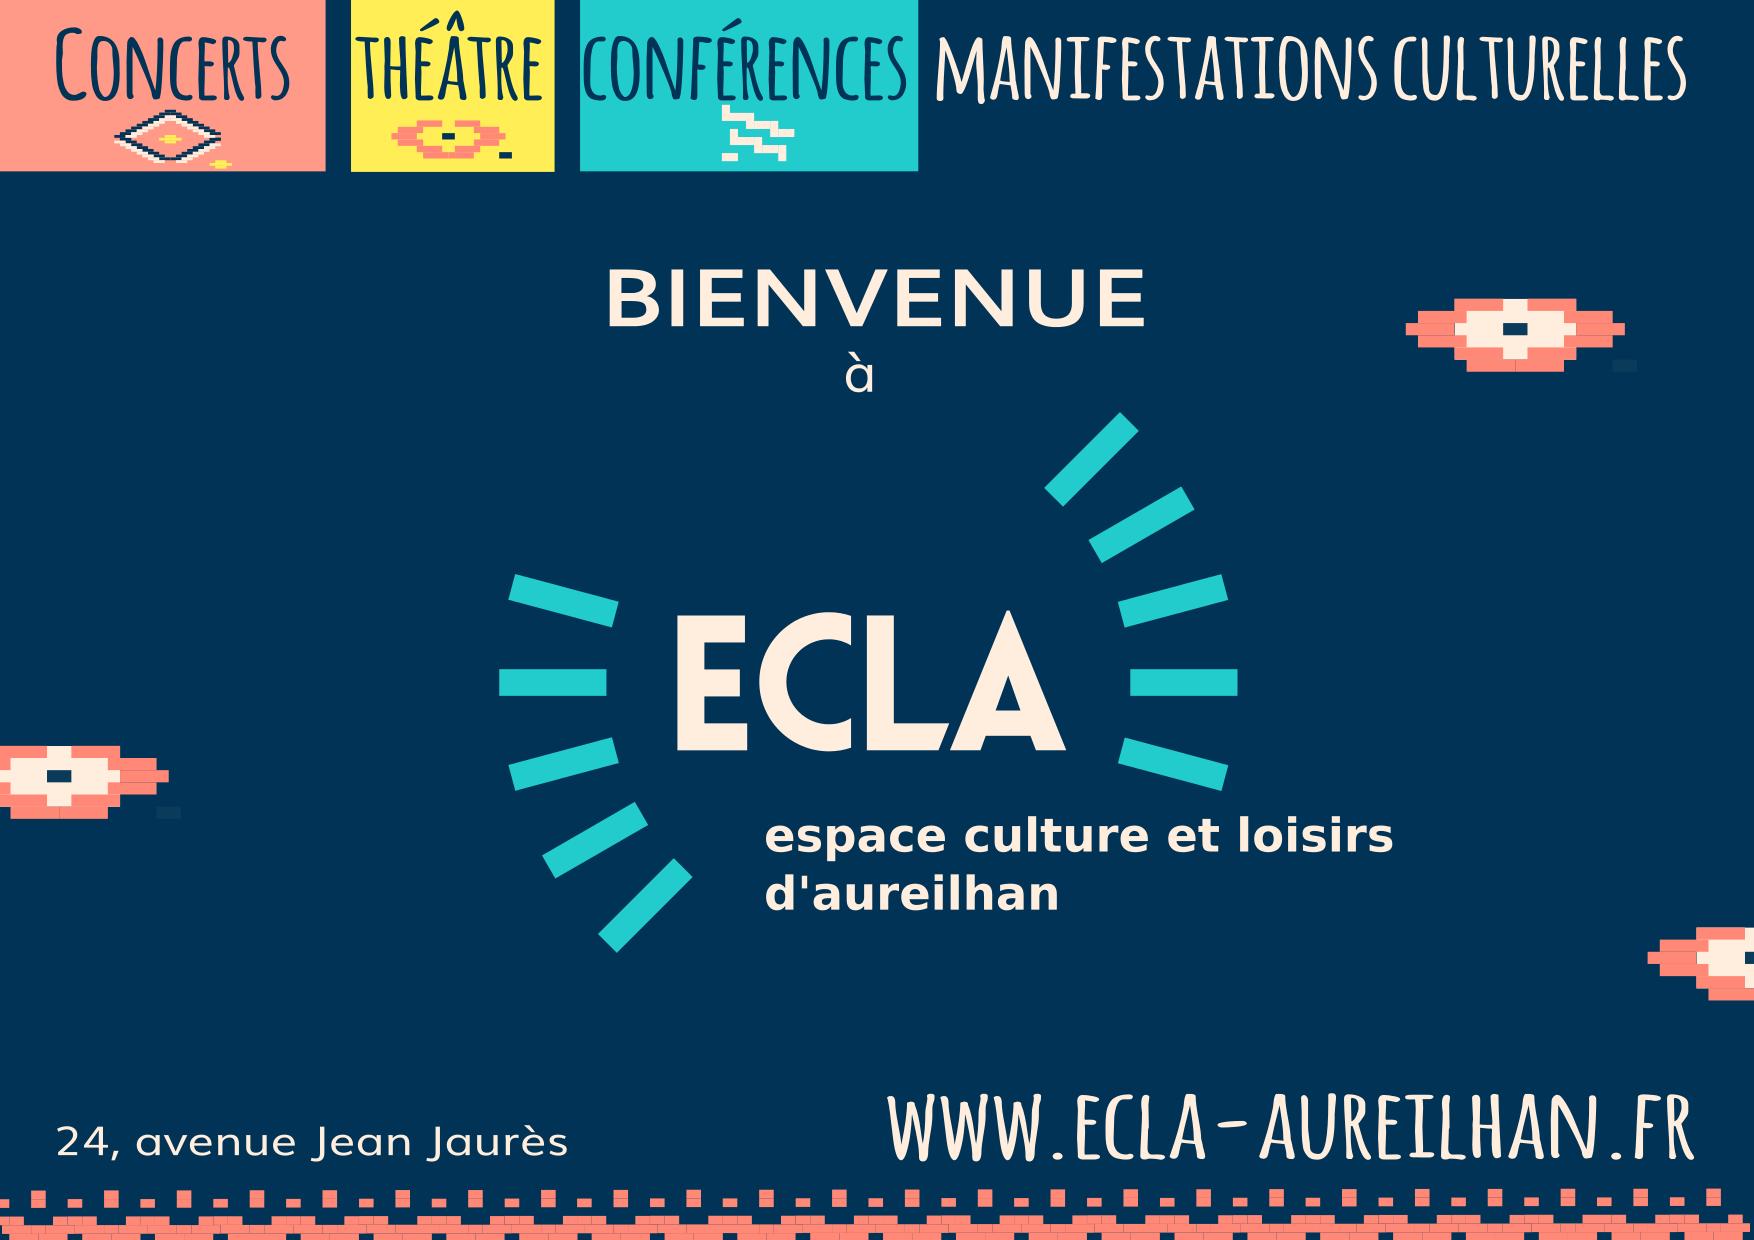 bienvenue à l_ECLA V2.png